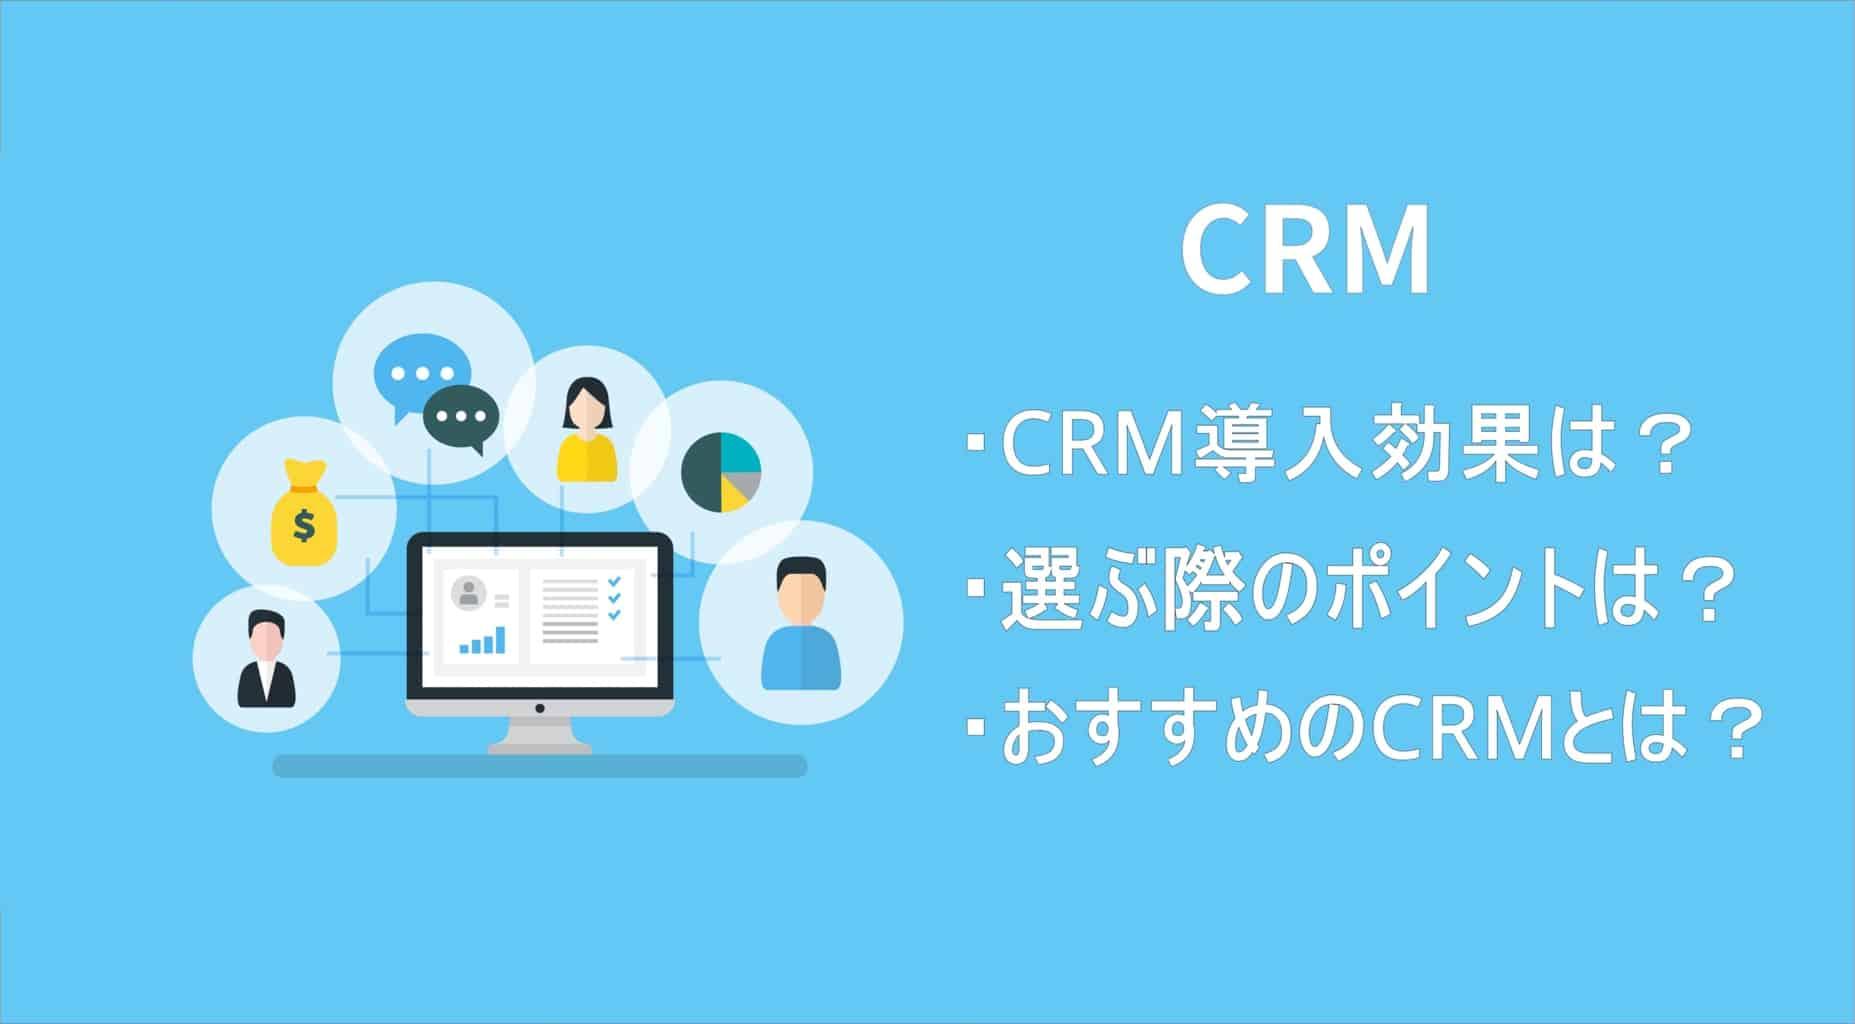 おすすめなCRMランキングTop15!CRMを選ぶ際のポイントも紹介